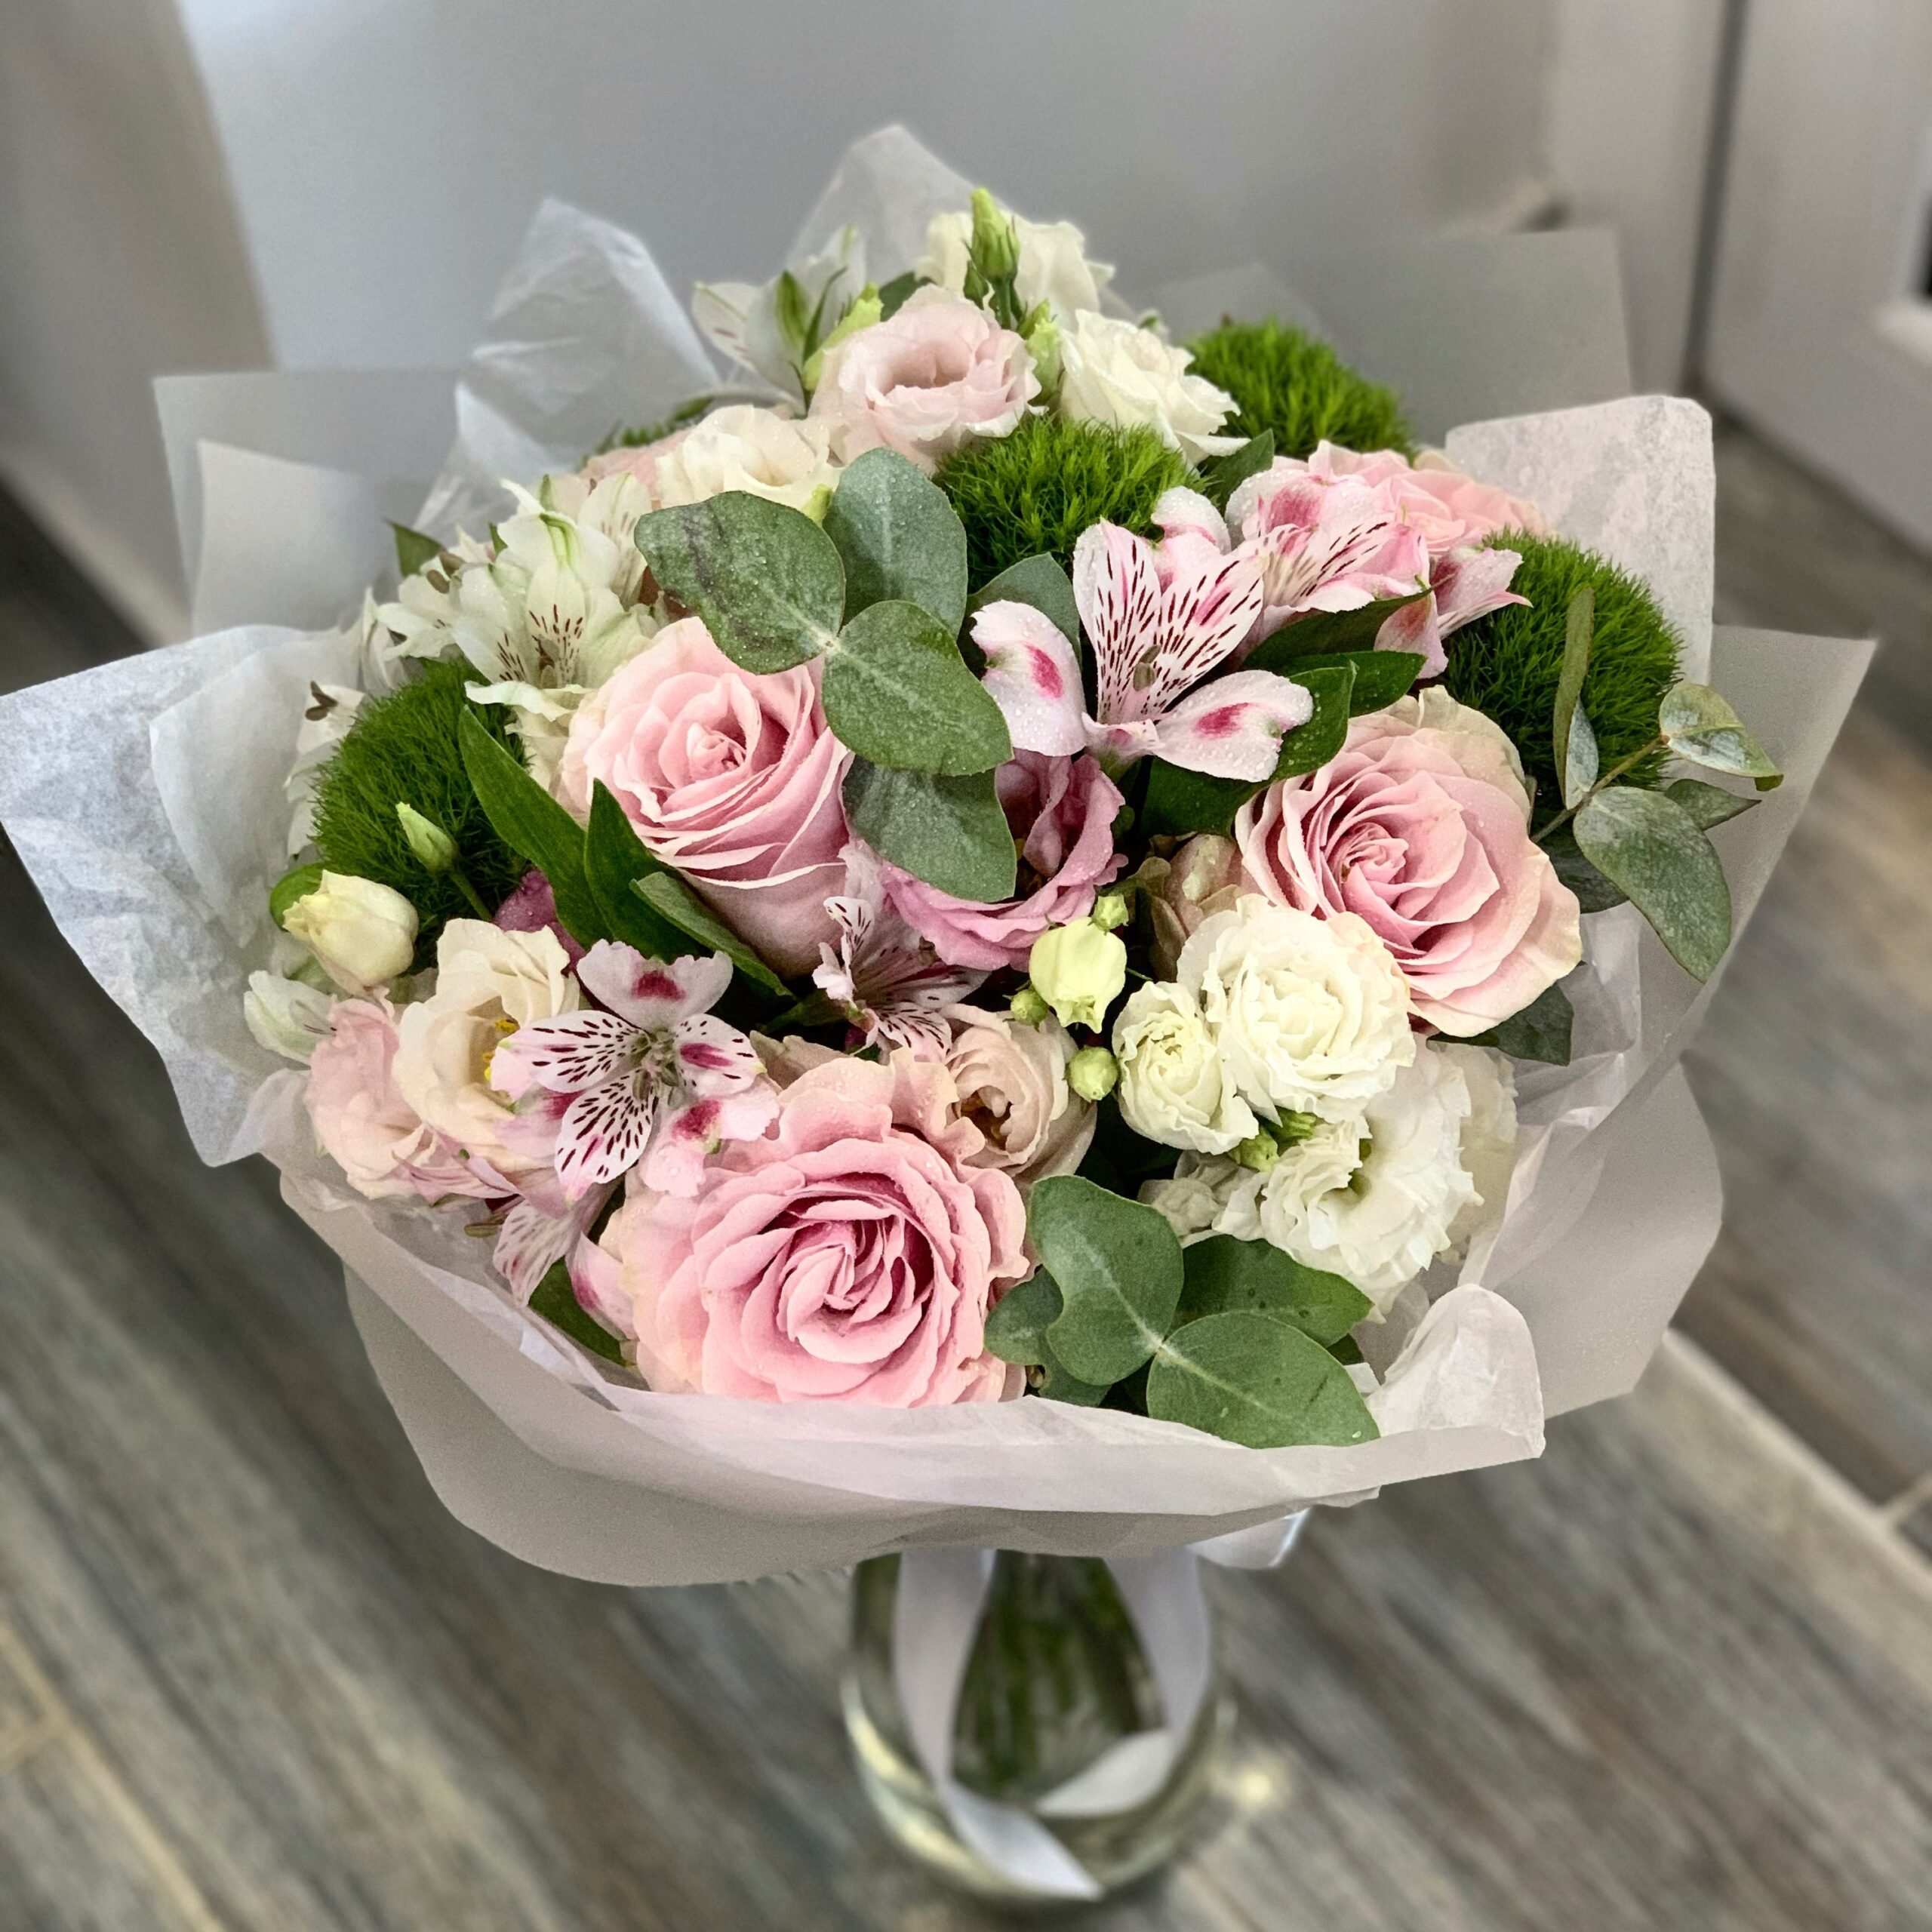 Buchet mare de flori cu trandafiri